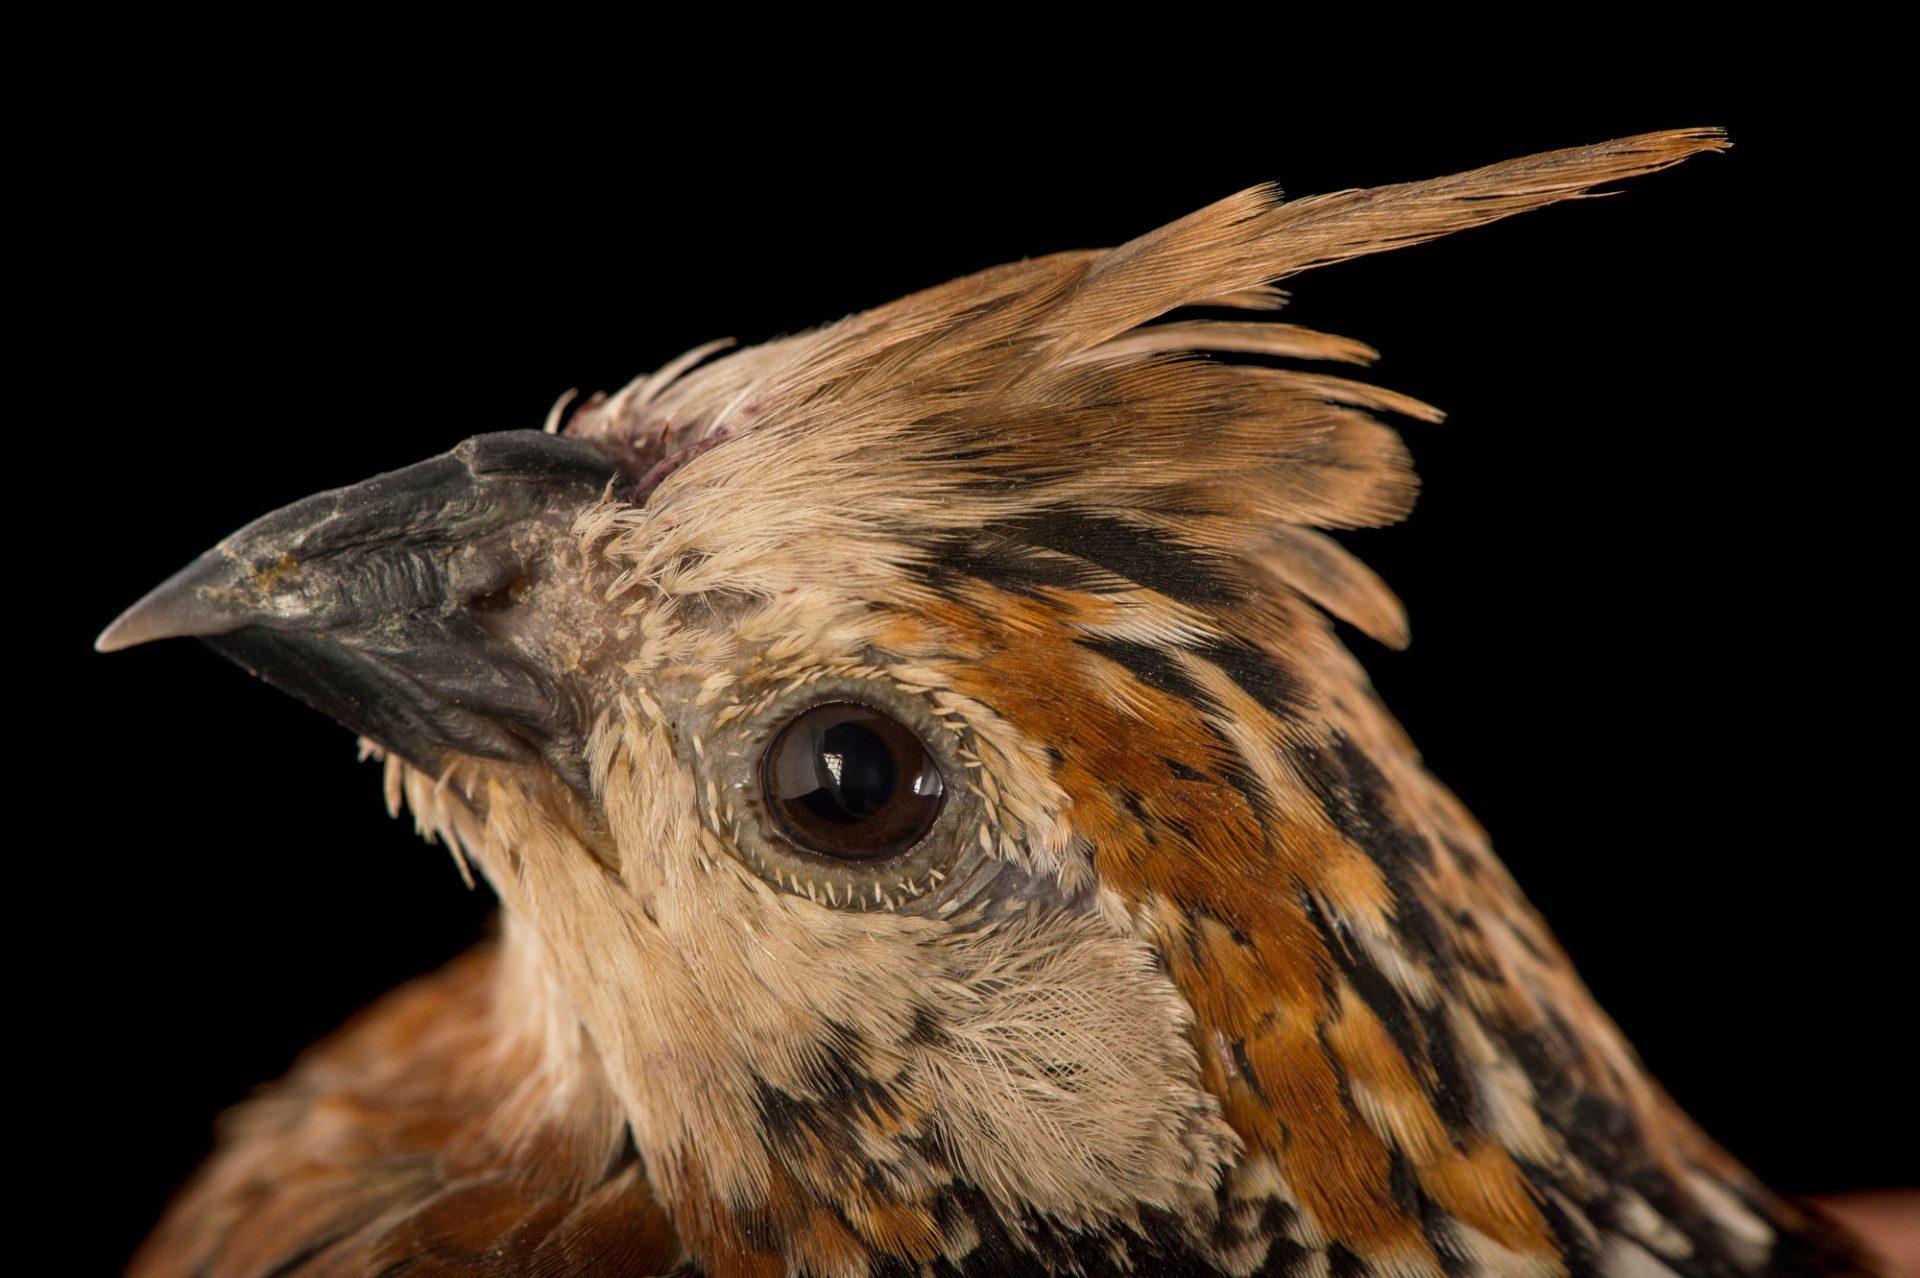 Picture of a crested bobwhite (Colinus cristatus) at the Dallas World Aquarium.